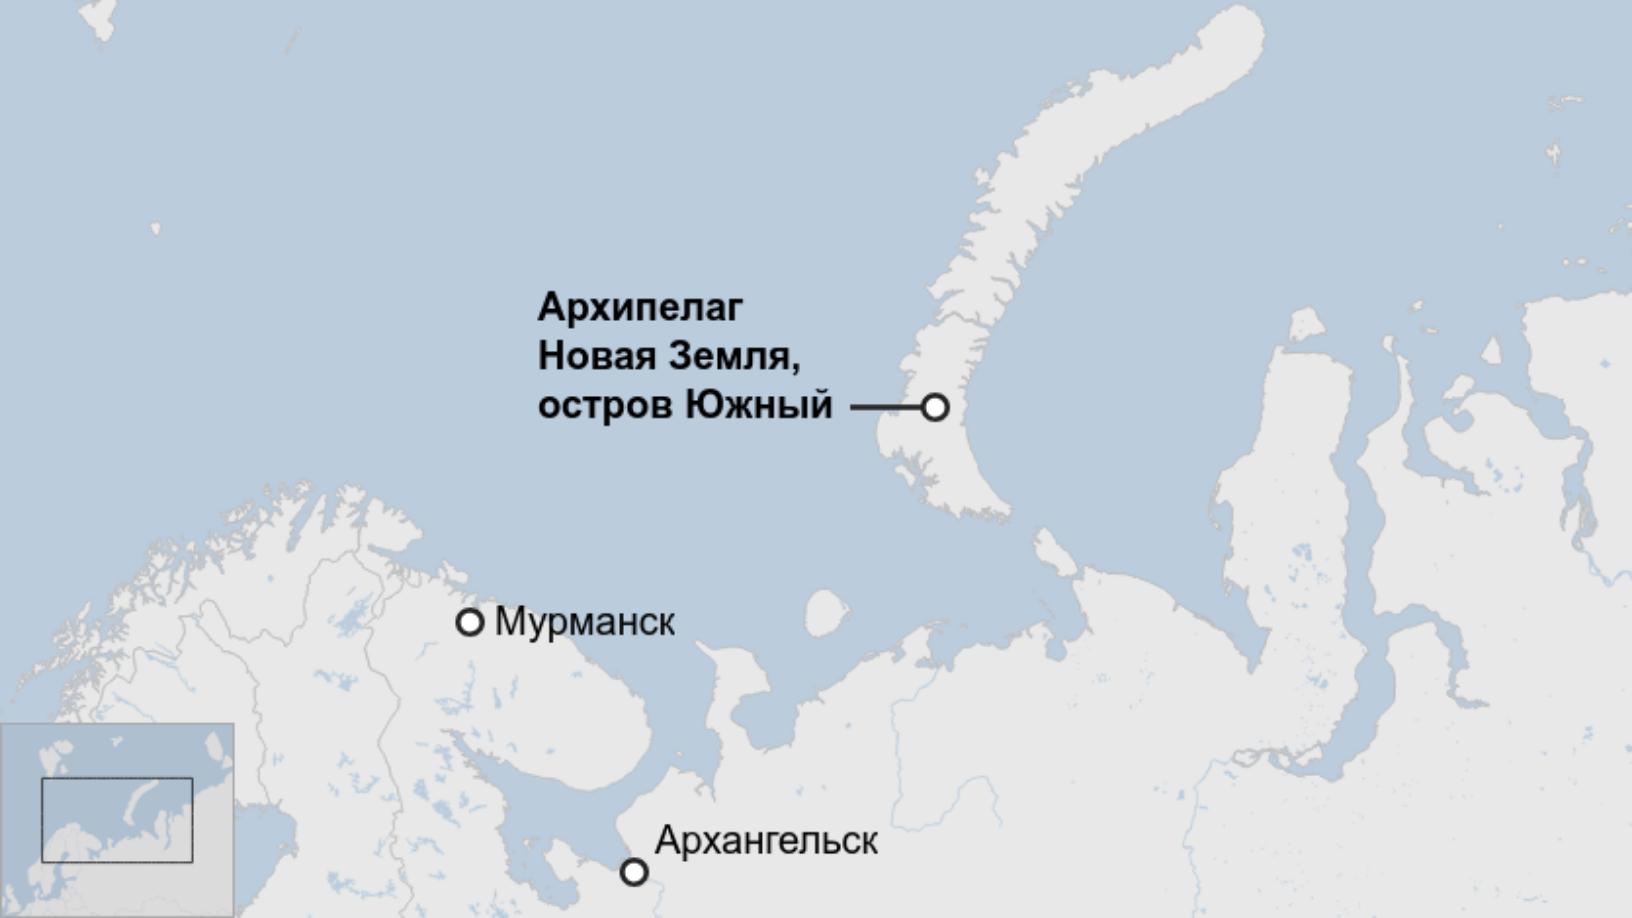 Map: Архипелаг Новая Земля